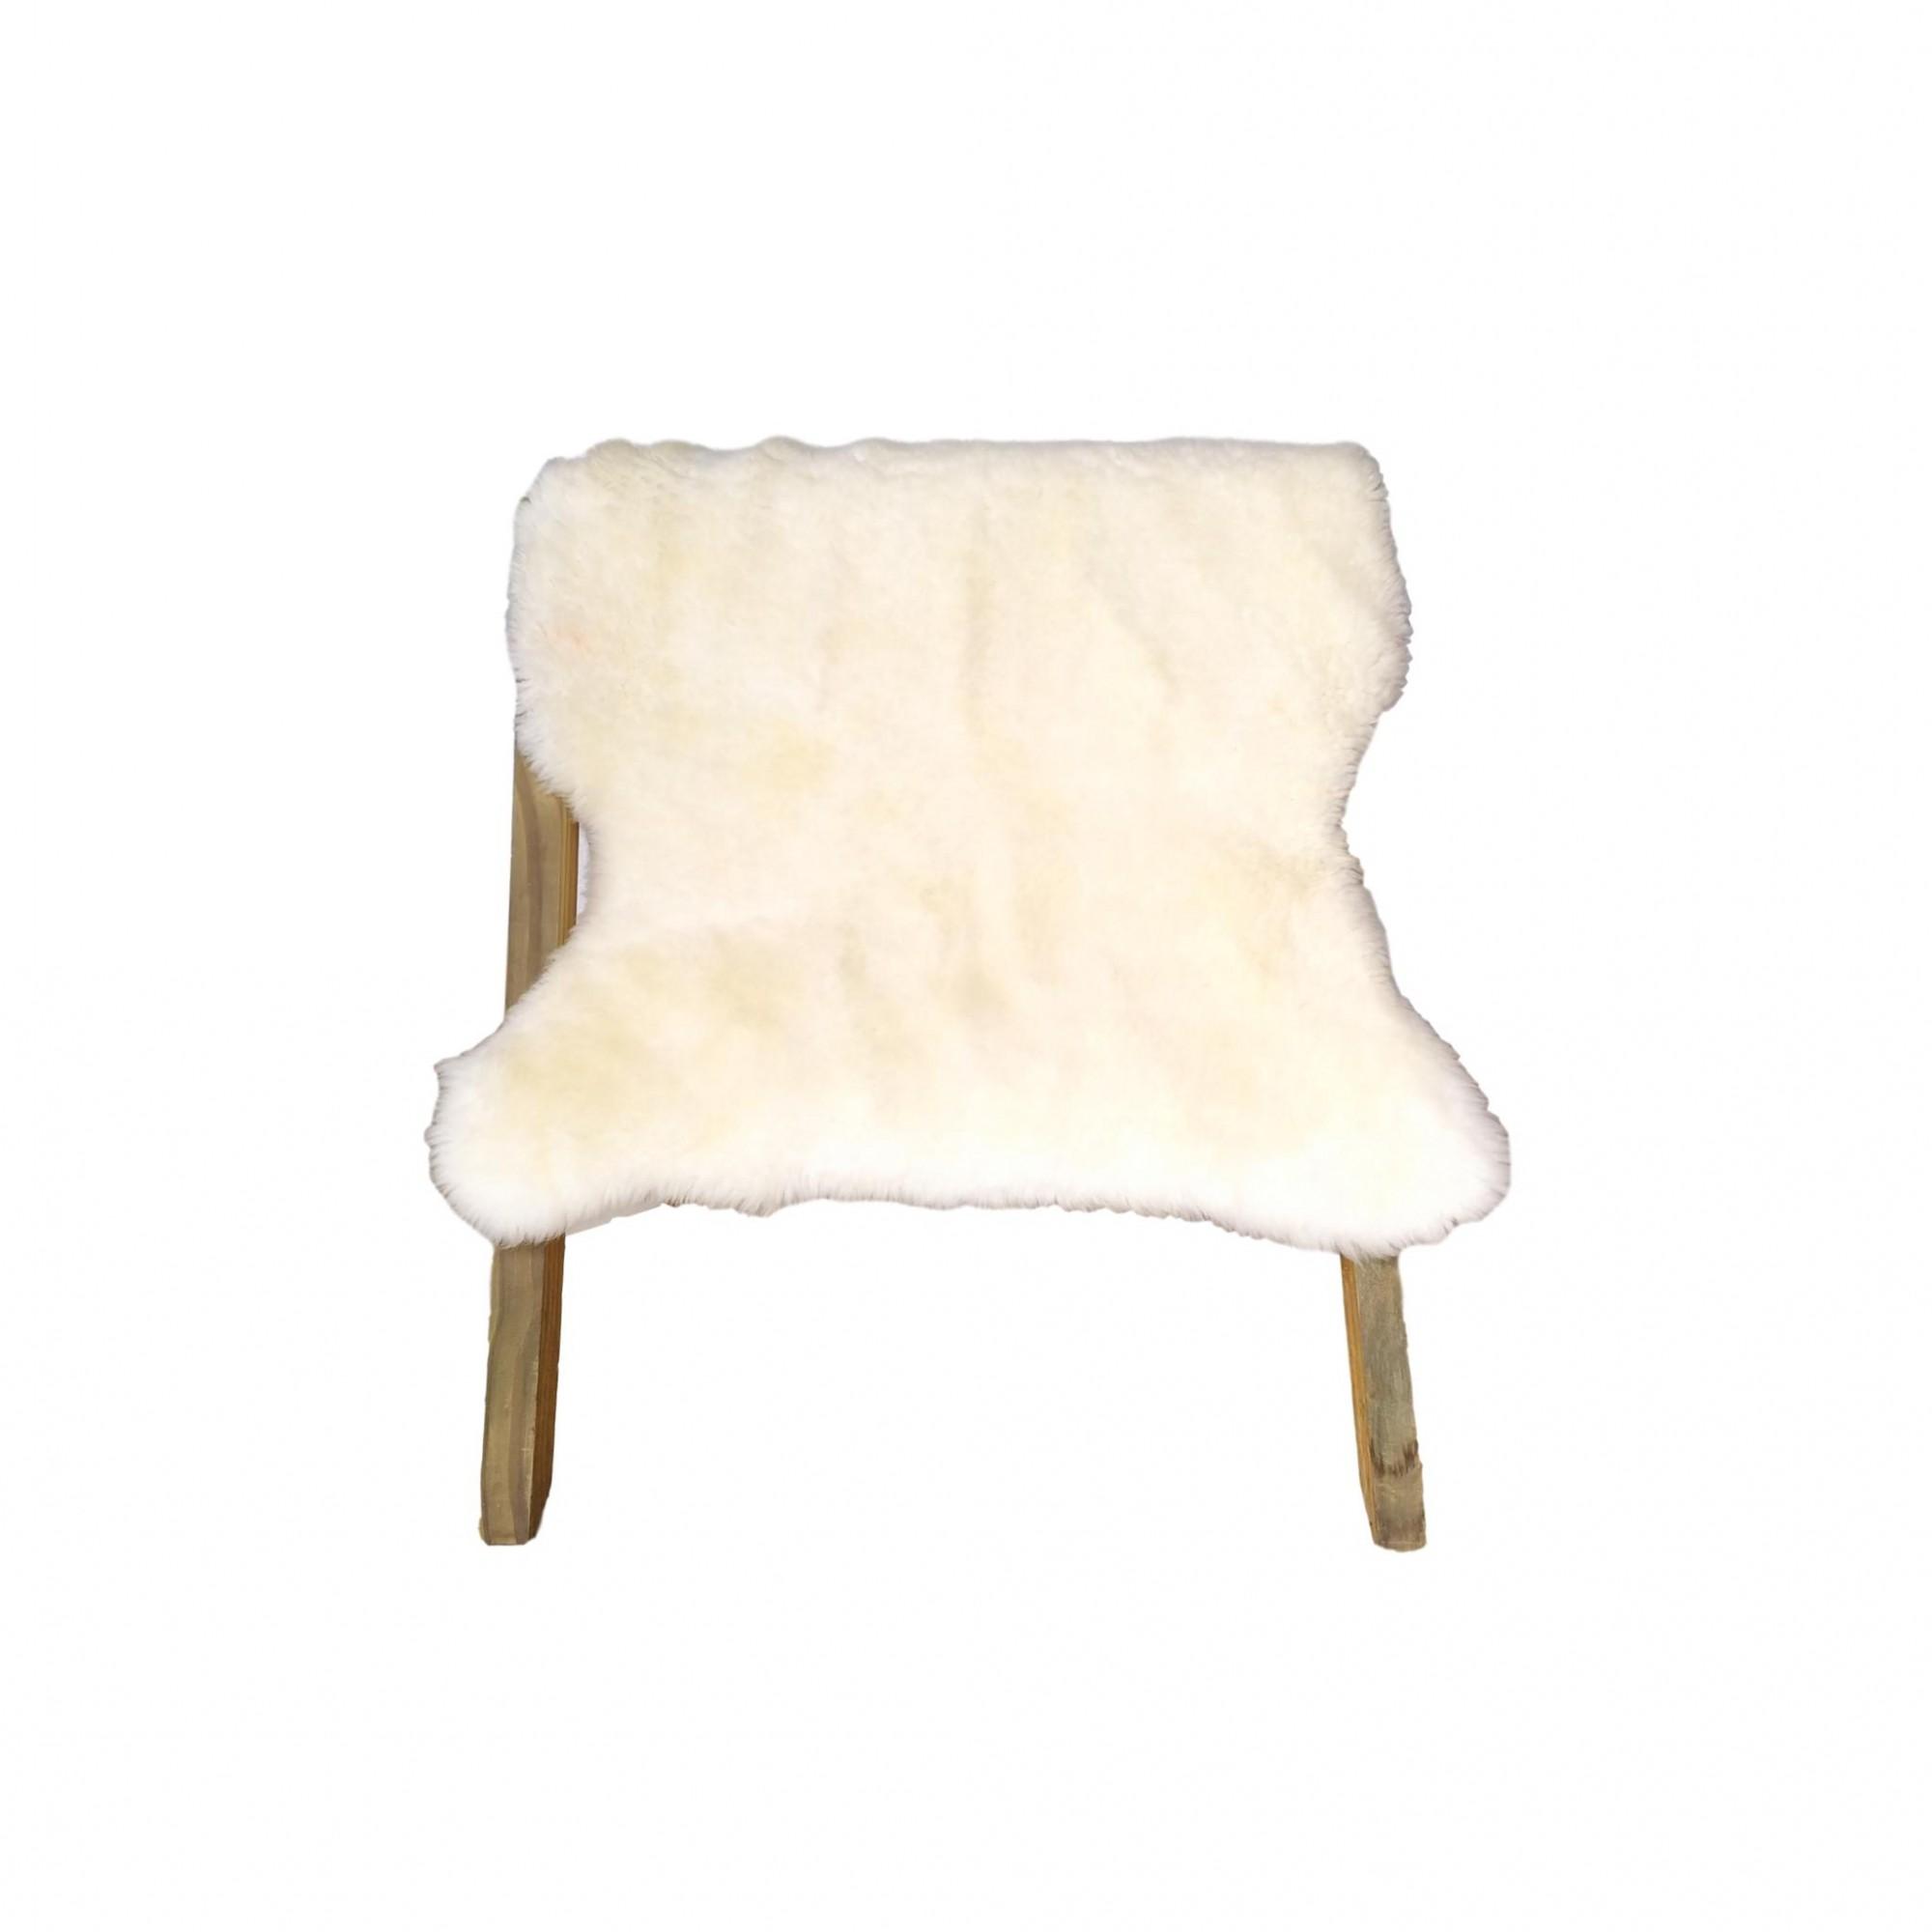 Pelego de Lã de Ovelha